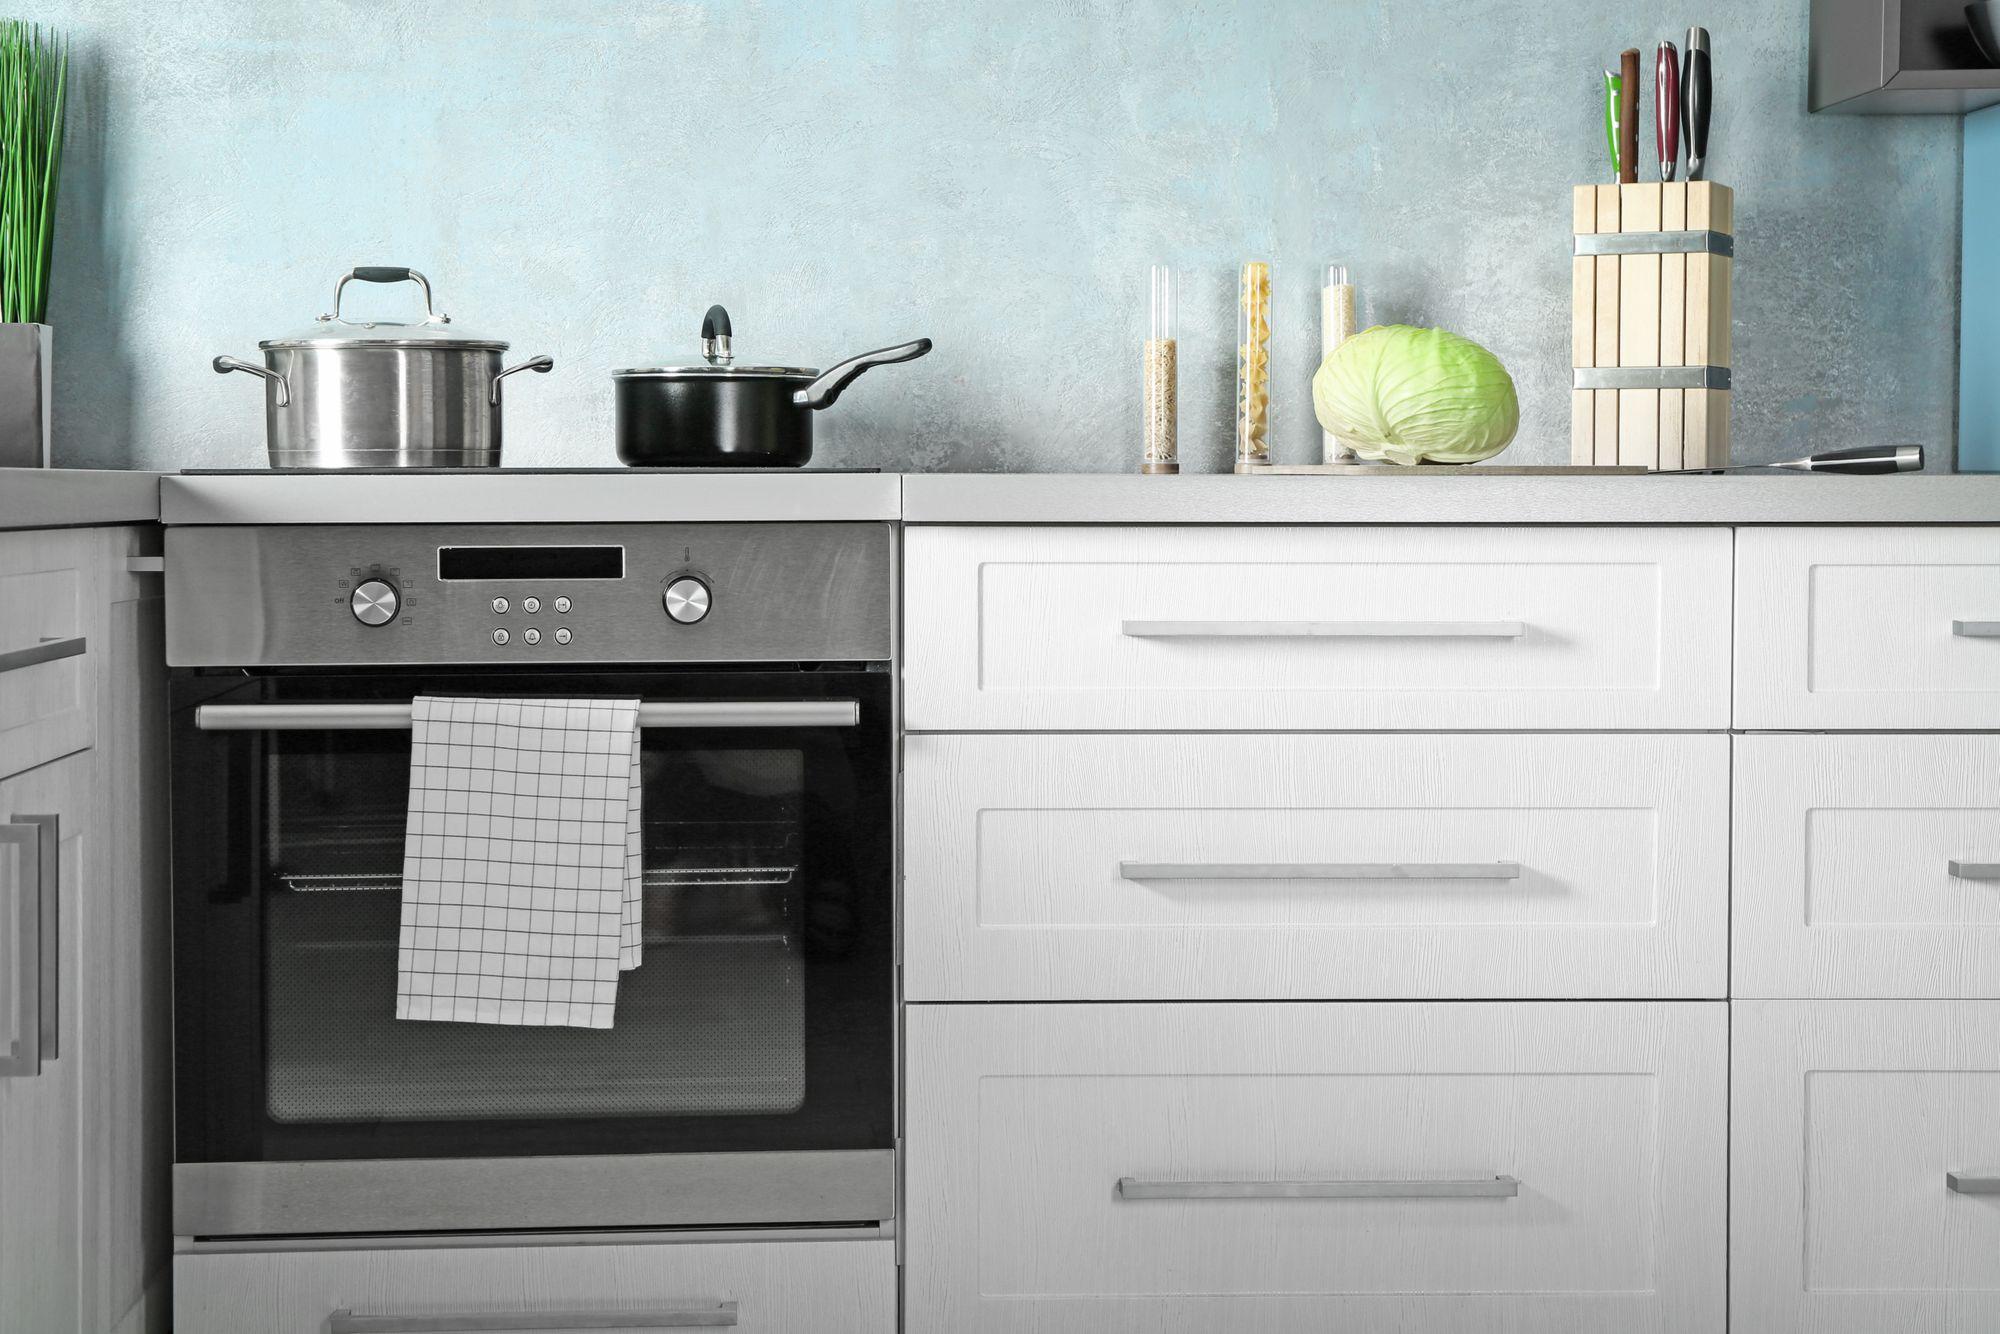 Modelo de fogão de embutir numa cozinha planejada. (Imagem: Reprodução/Shutterstock)